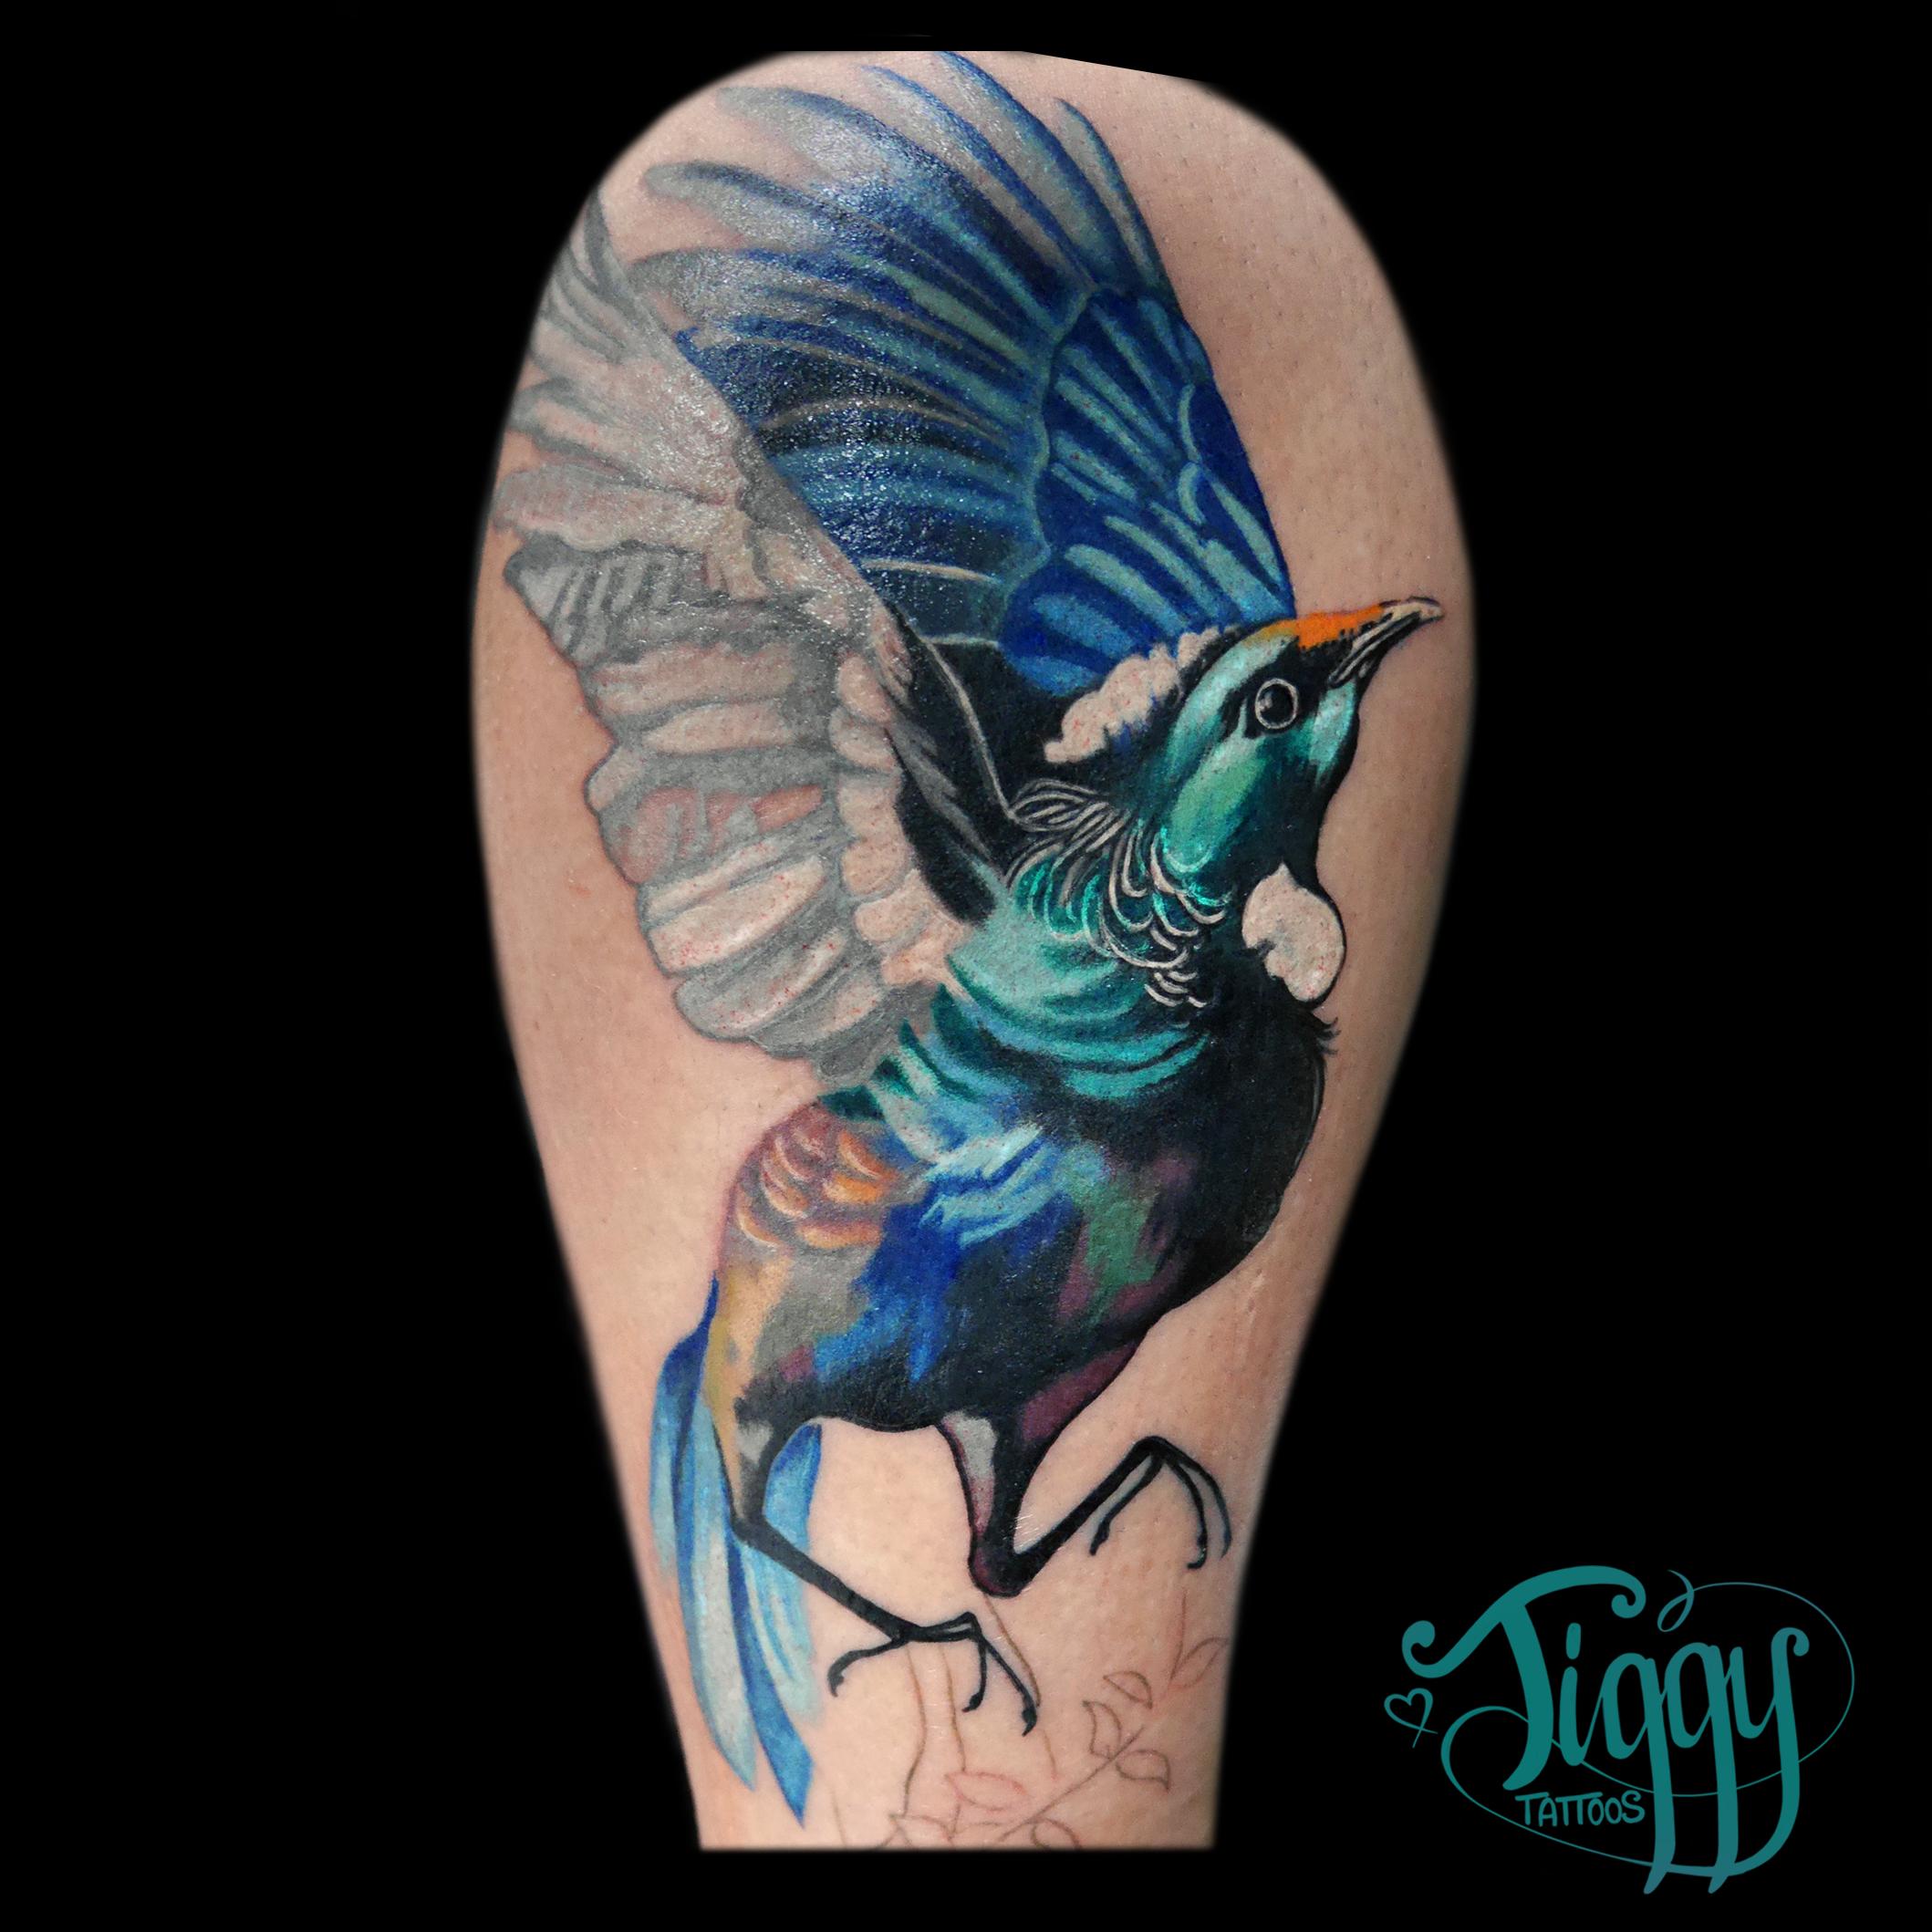 0531aad0b Tiggy Tattoos at Kamil Tattoos in Archway, North London. | -tattoo ...